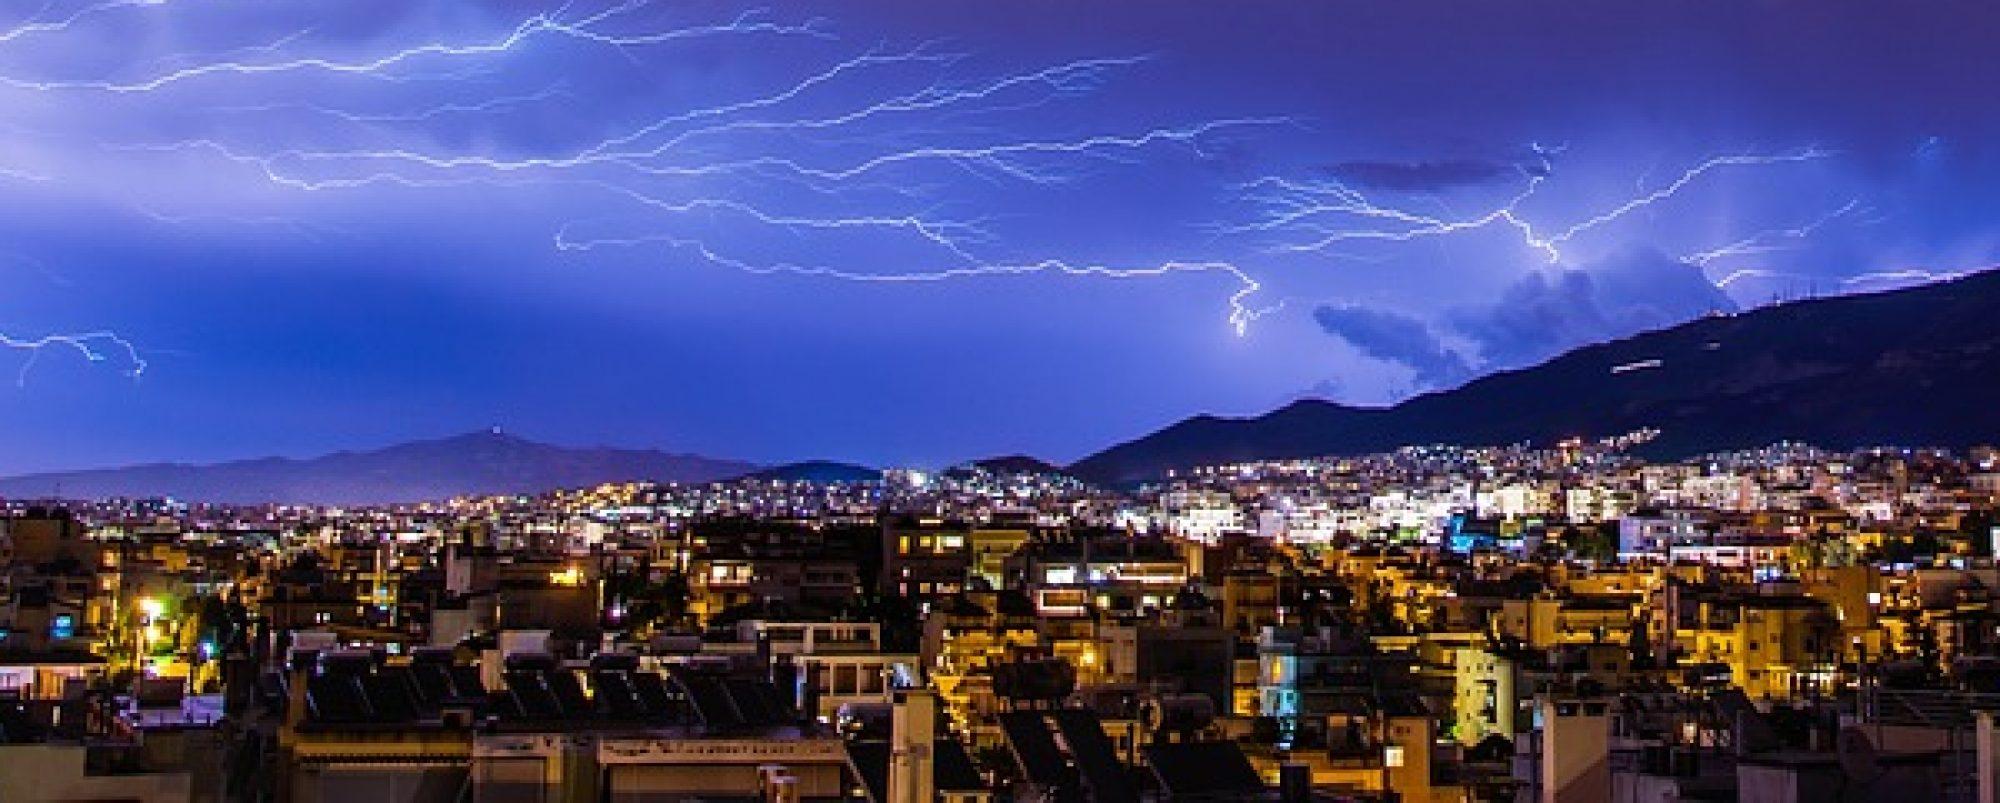 cropped-thunder-1368797_960_720.jpg